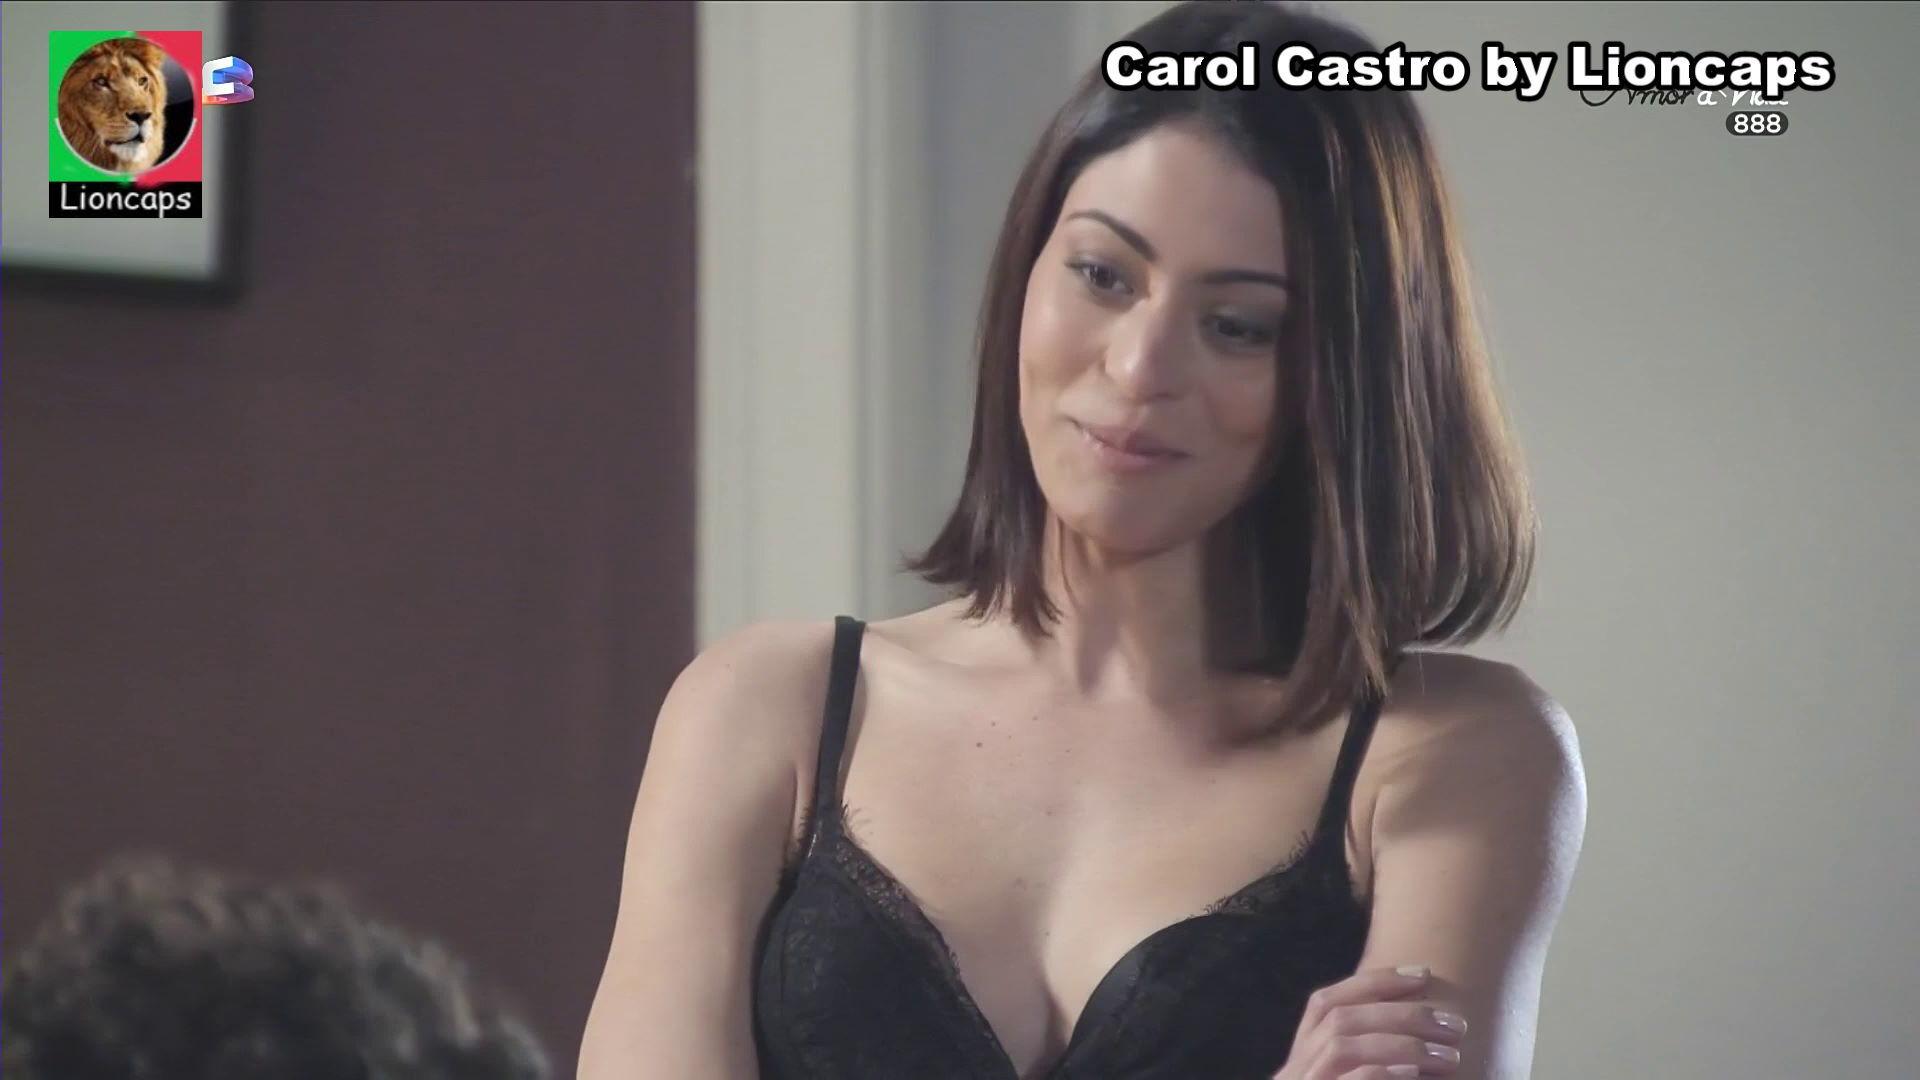 carol_castro_vs200628-047 (2).JPG